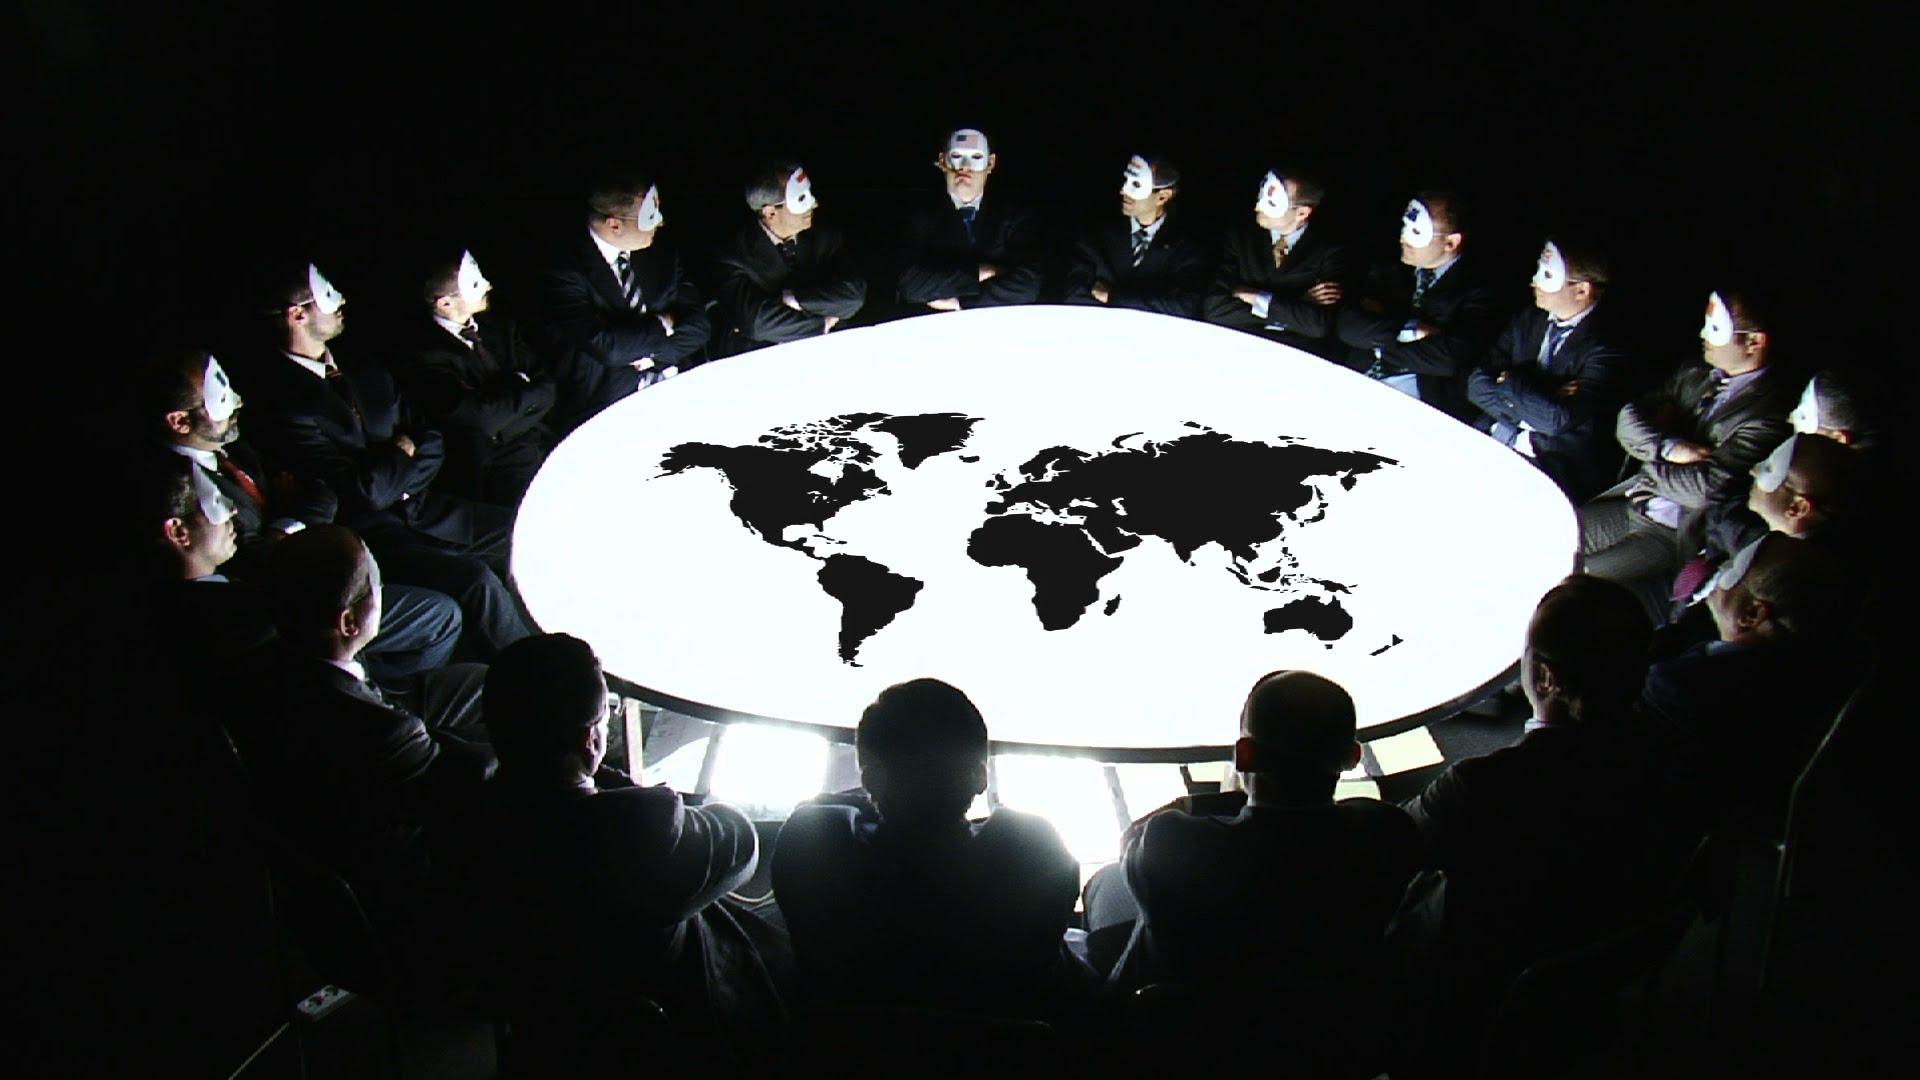 Lo impredecible del nuevo orden mundial. - Andy Stalman